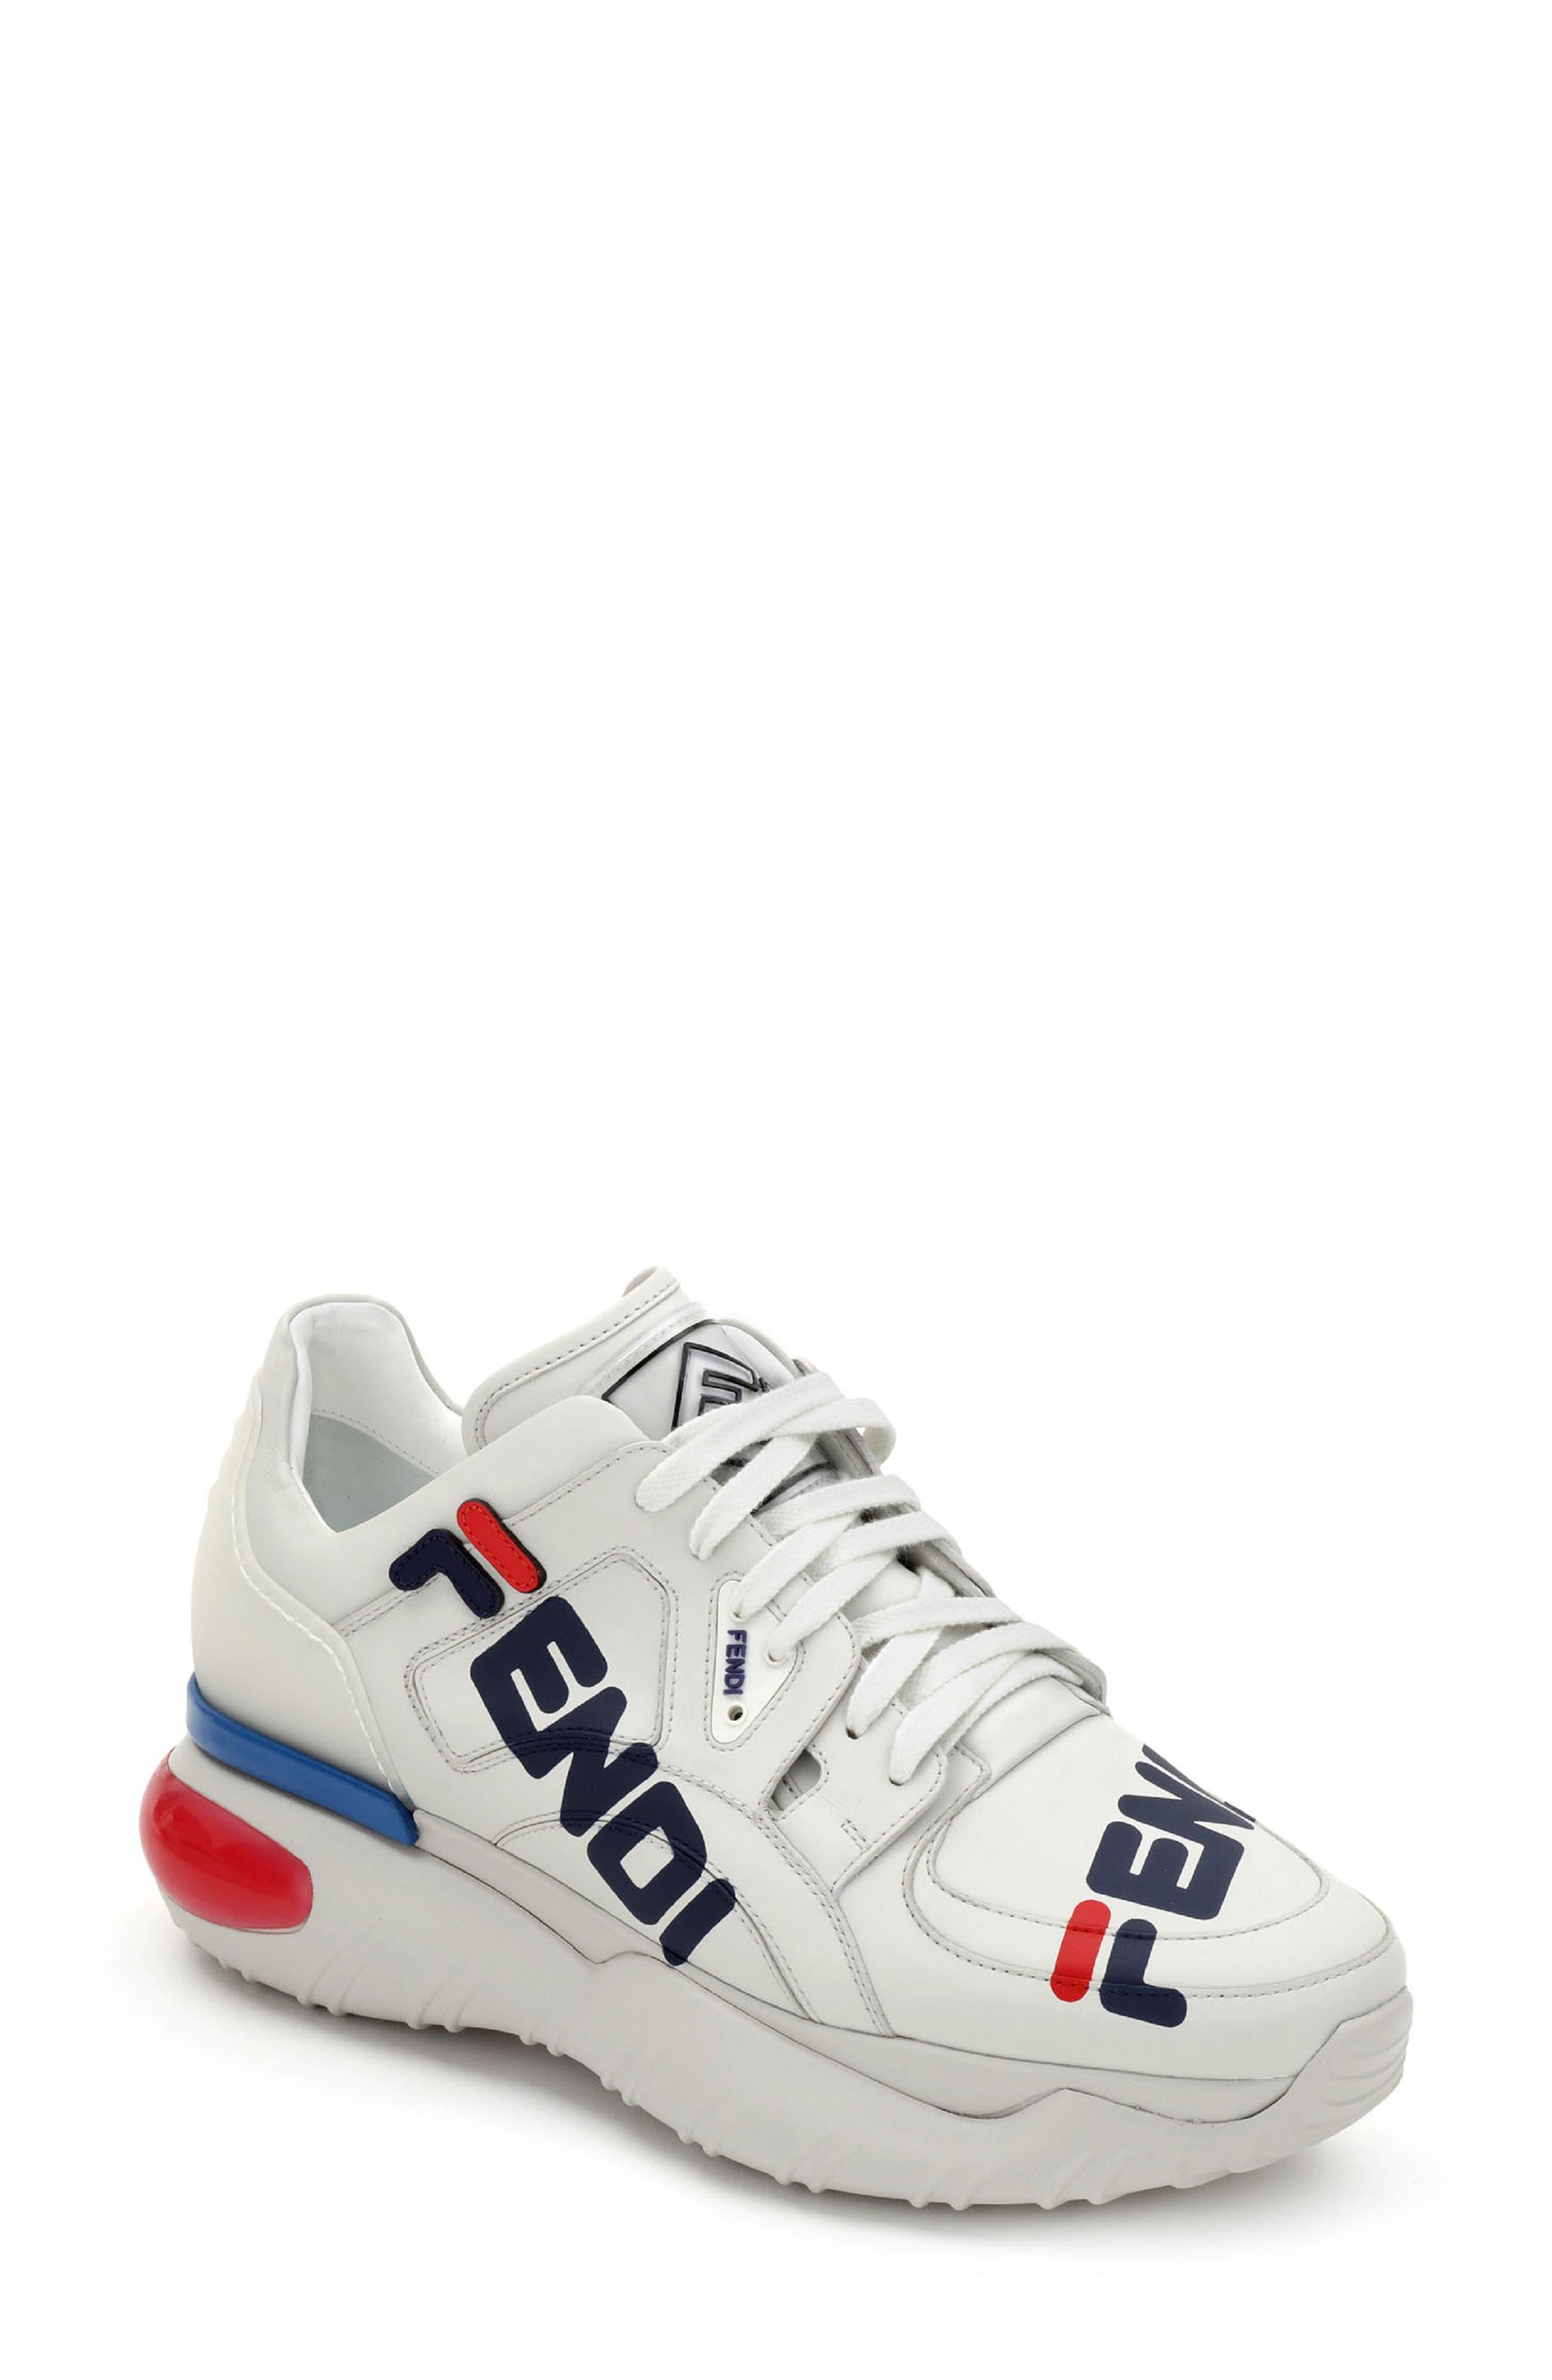 03e9a4acd1de Women s Fendi Sneakers   Running Shoes